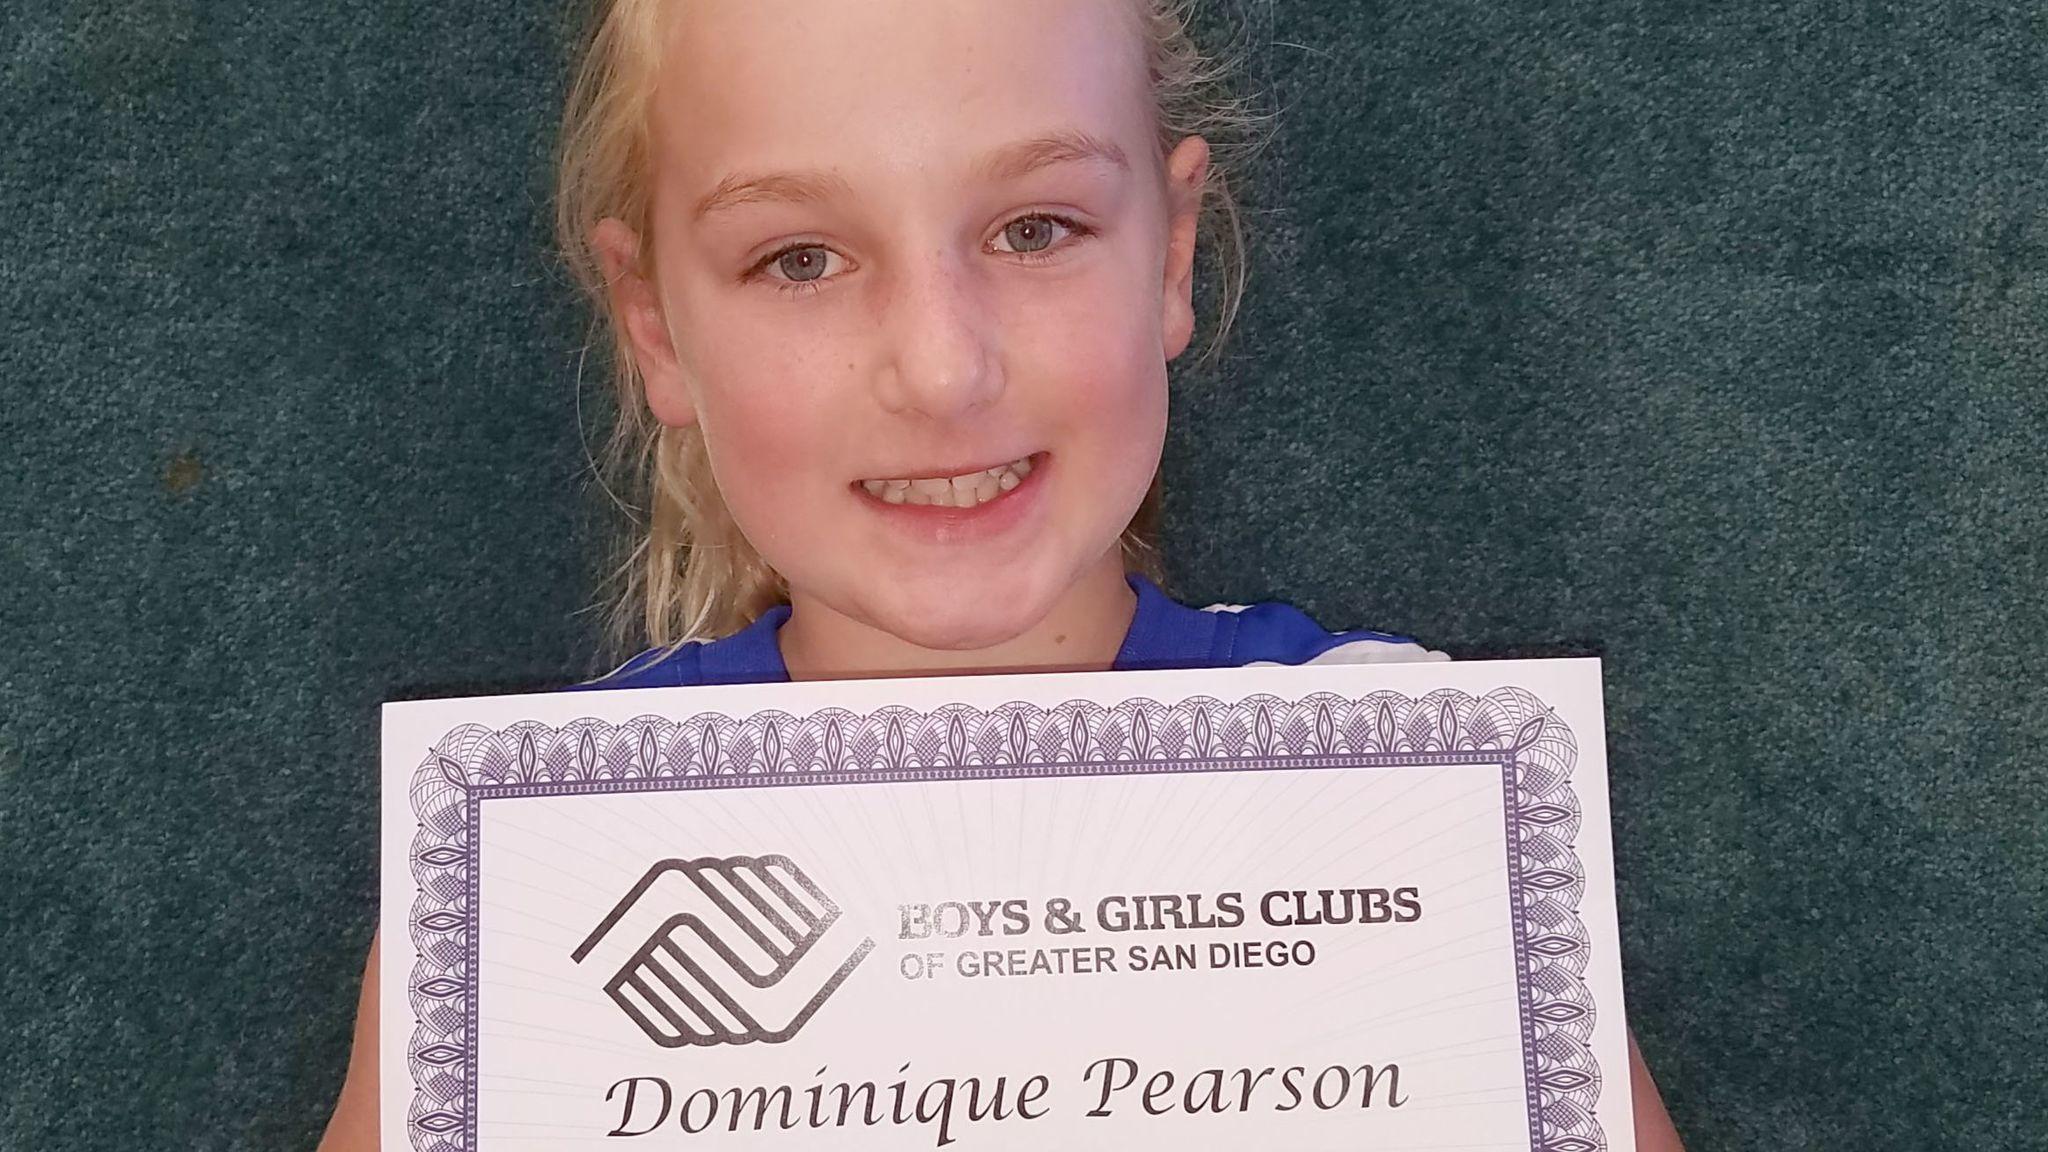 Dominique Pearson